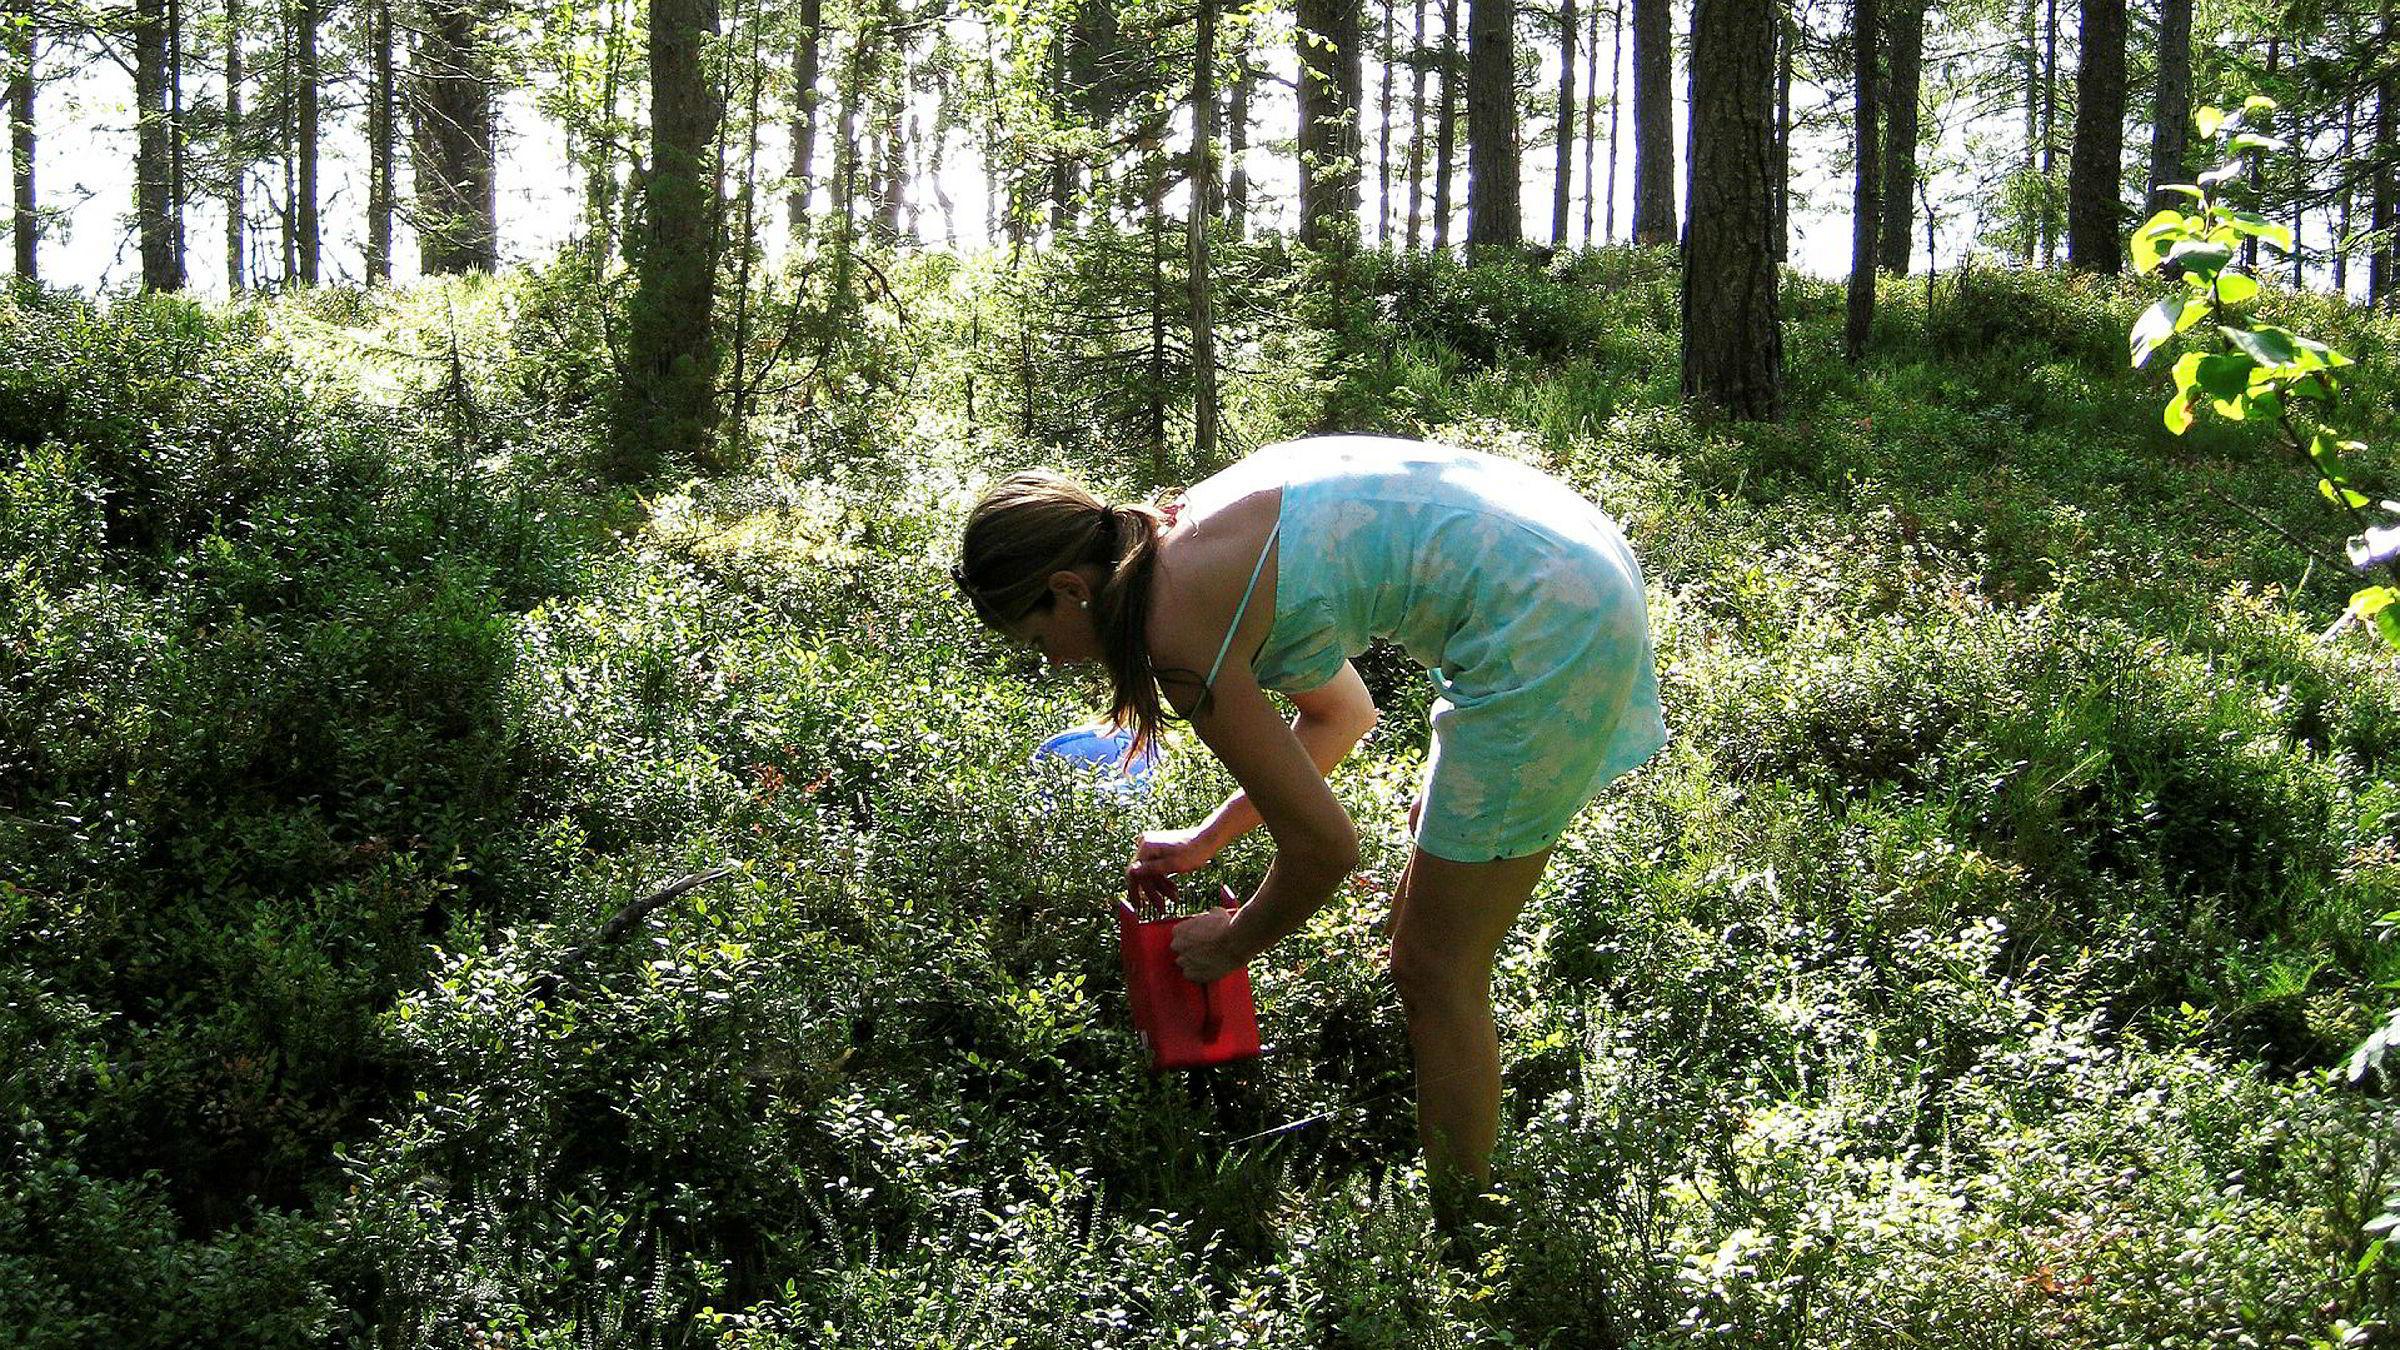 Der er likevel en vesensforskjell: Hun som høster fra naturen, kan vite at hun bidrar til at det blir mer intakt natur enn ellers, og at miljøet derved blir bedre. Det kan ikke de andre, sier forfatteren.